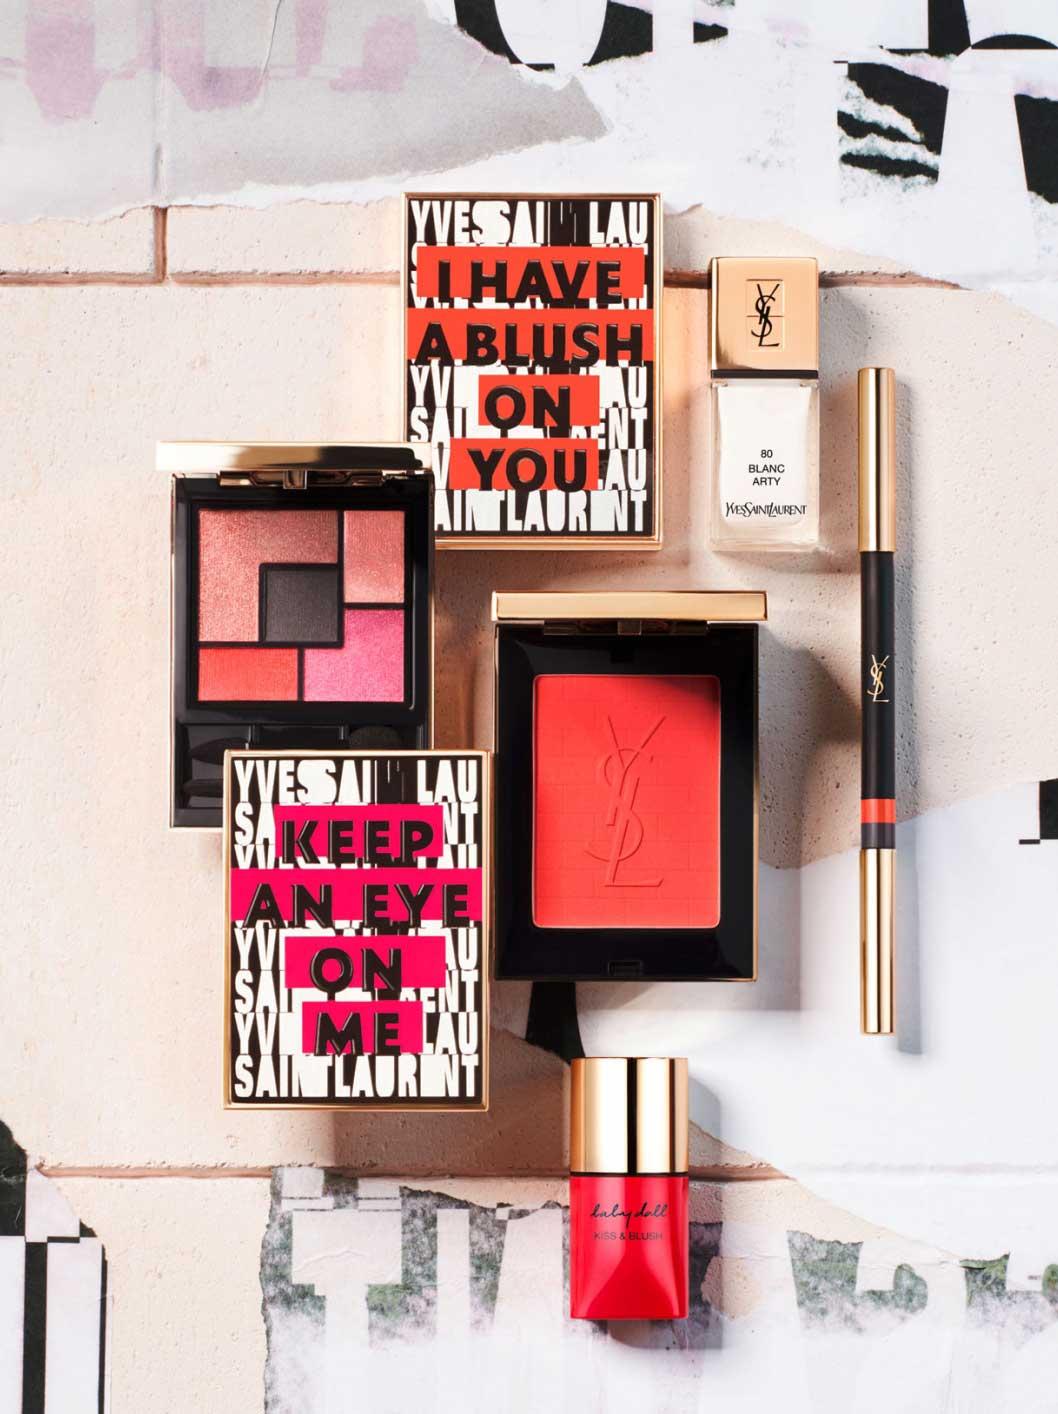 yves saint laurent makeup for spring 2017 news. Black Bedroom Furniture Sets. Home Design Ideas